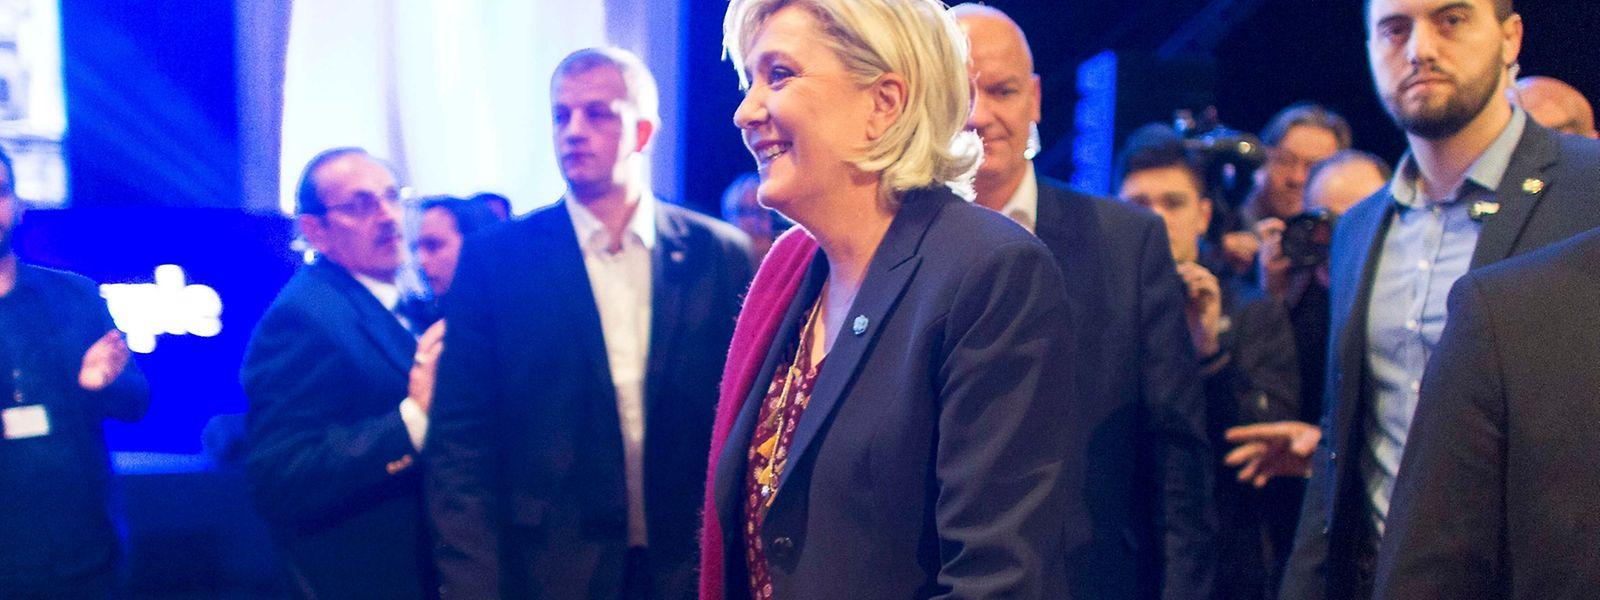 Marine Le Pen startete am Samstag in Lyon in den Präsidenschaftswahlkampf.